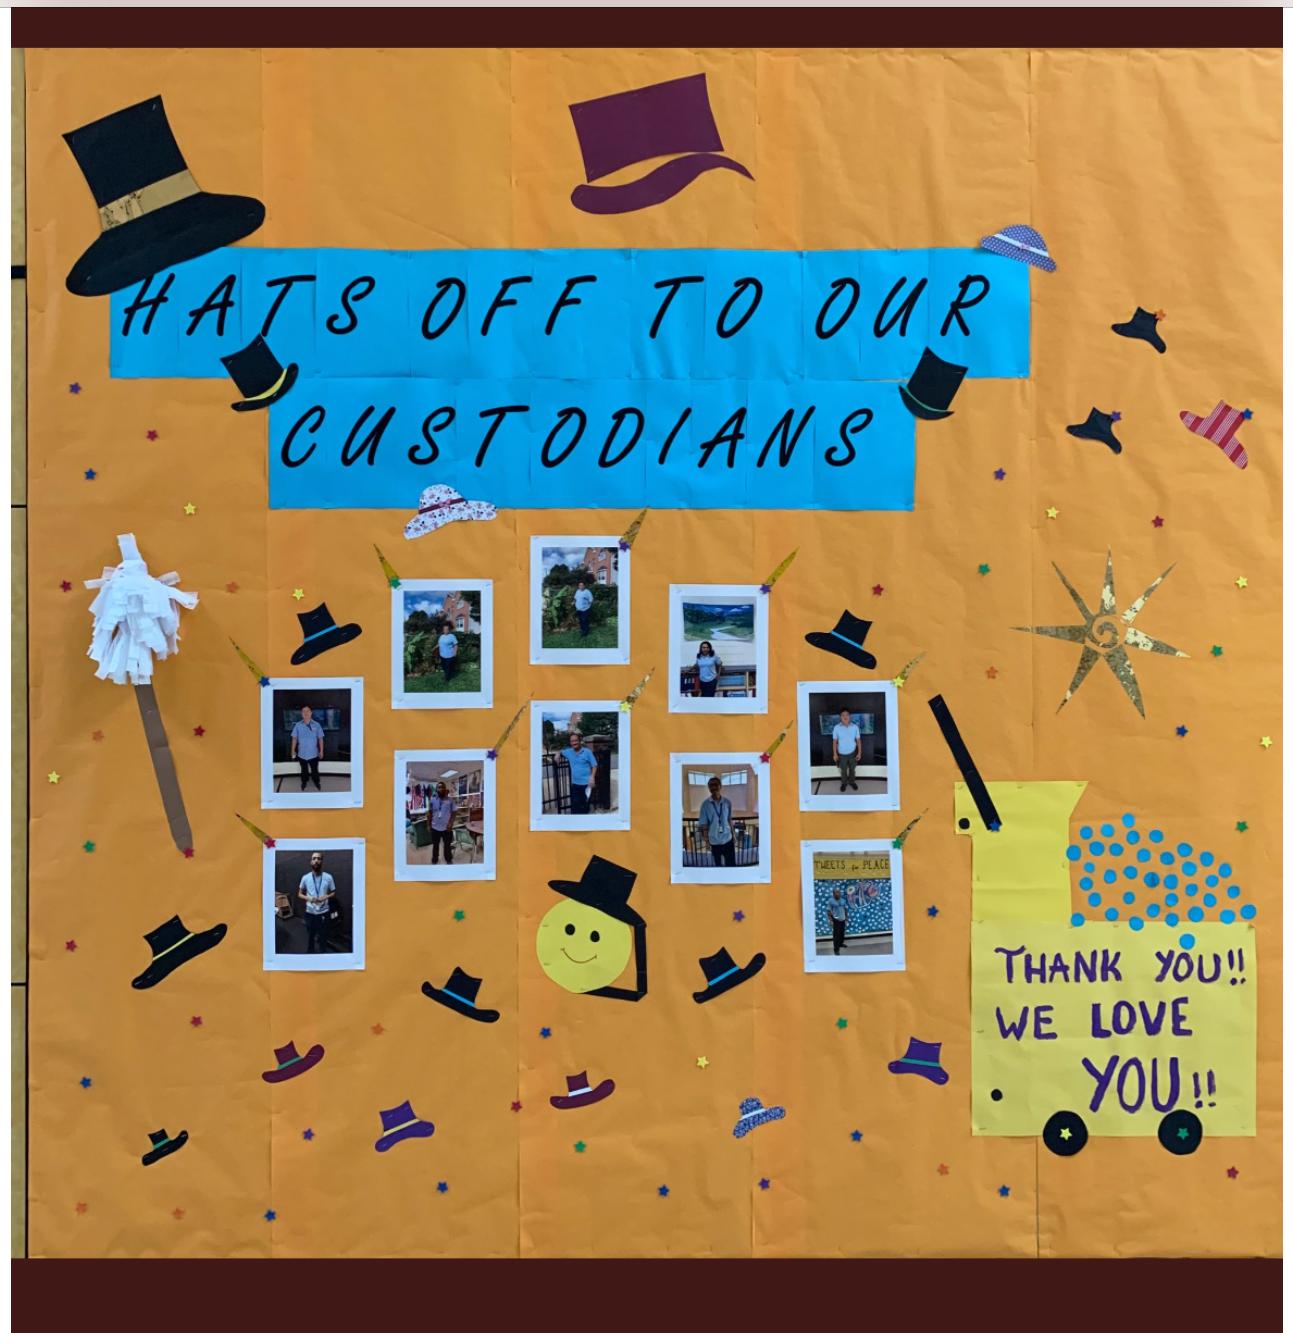 We Appreciate our Custodians